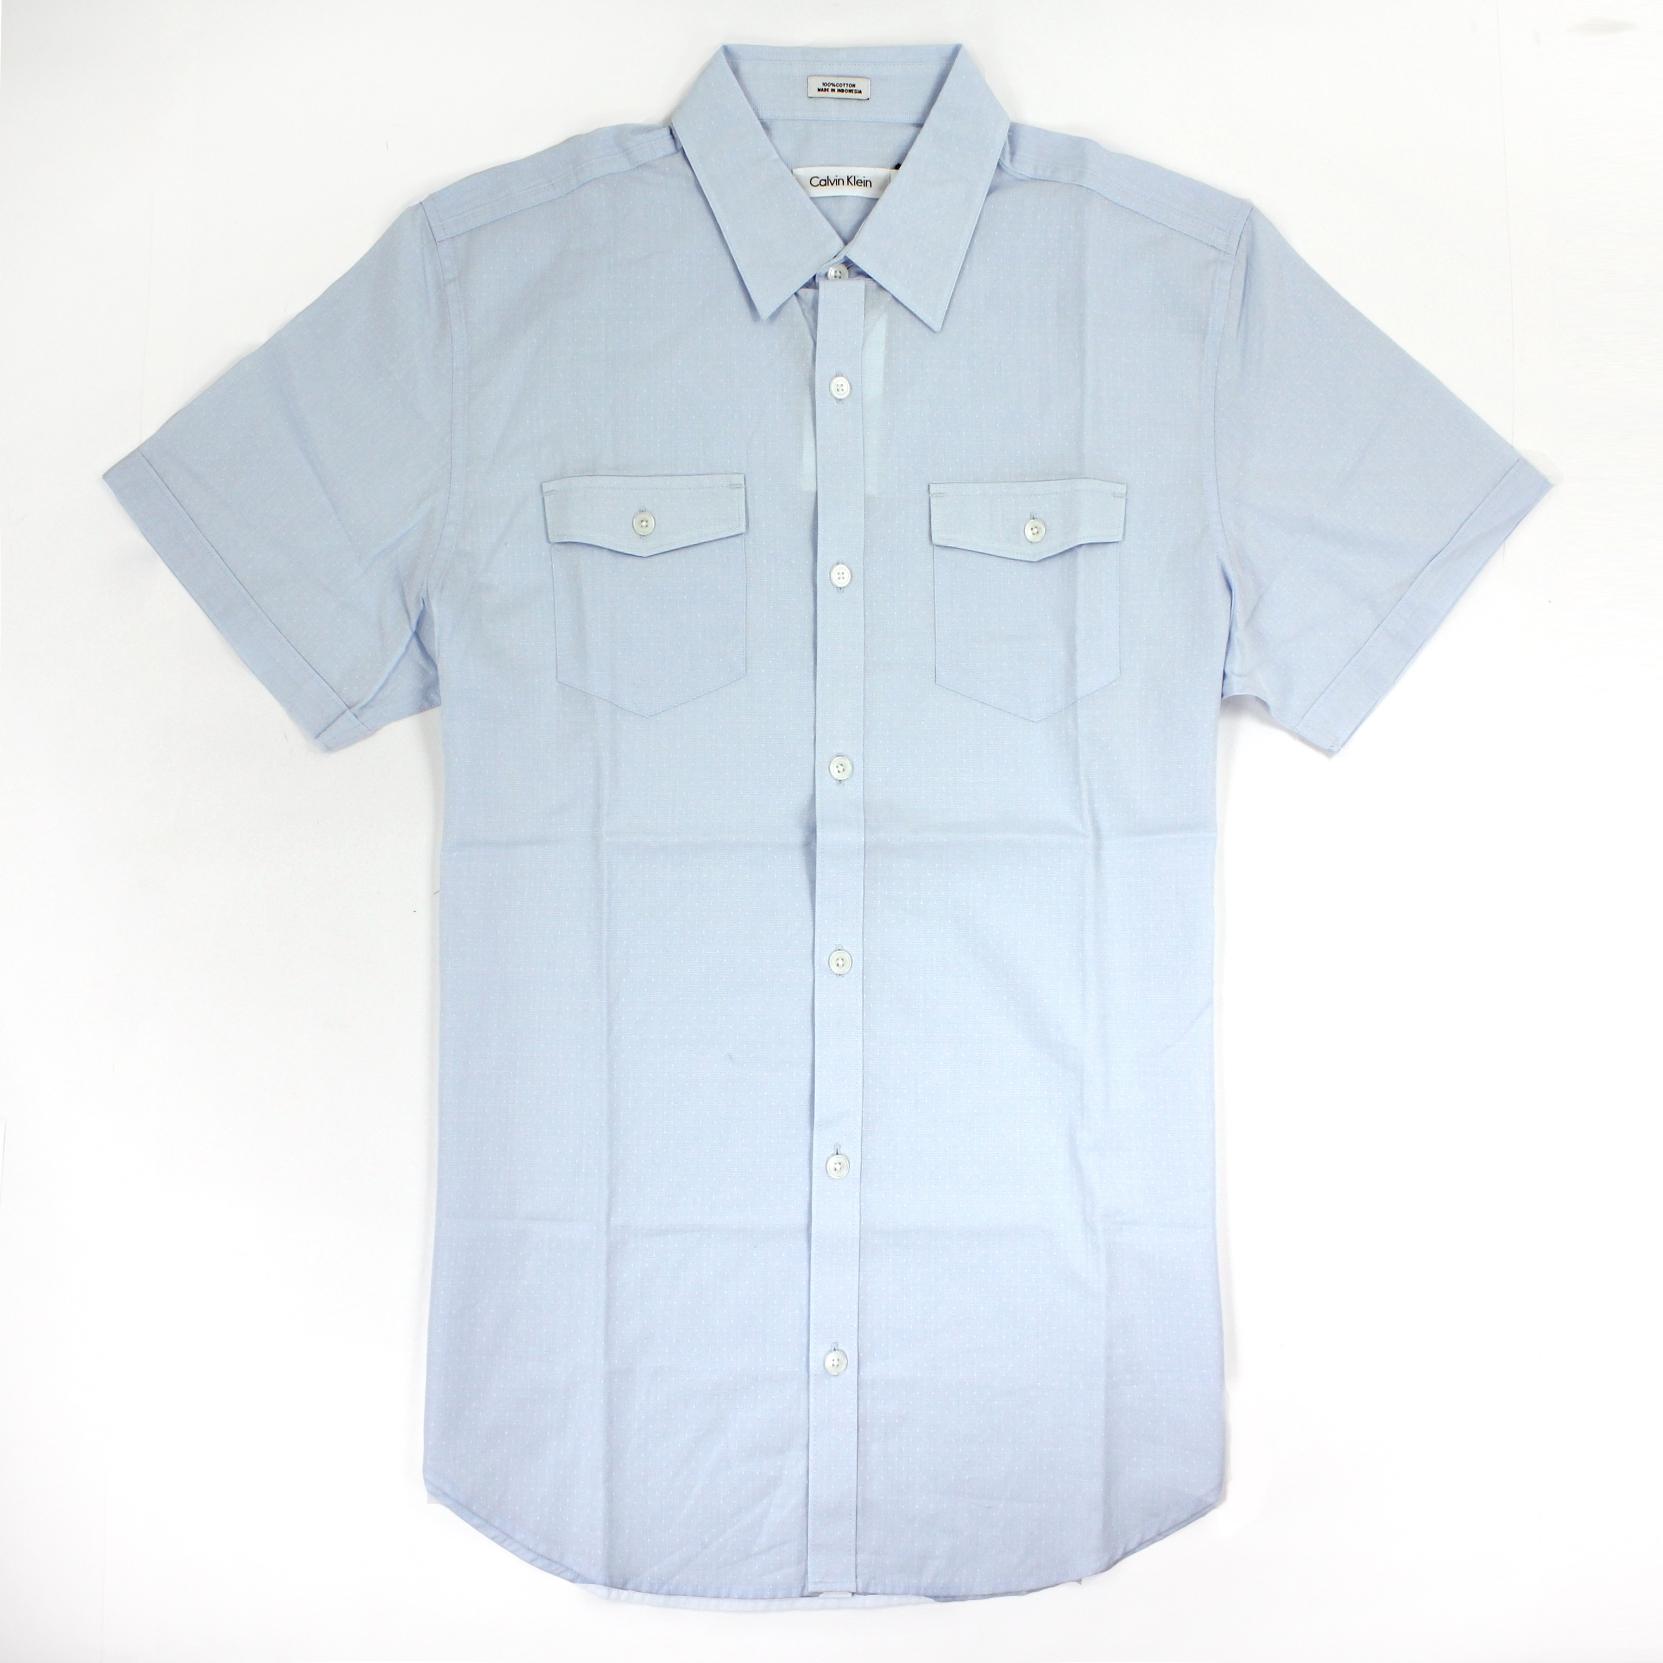 美國百分百【全新真品】Calvin Klein 襯衫 CK 男衣 短袖 水藍色 印花 休閒 襯衫 上衣 M號 E196